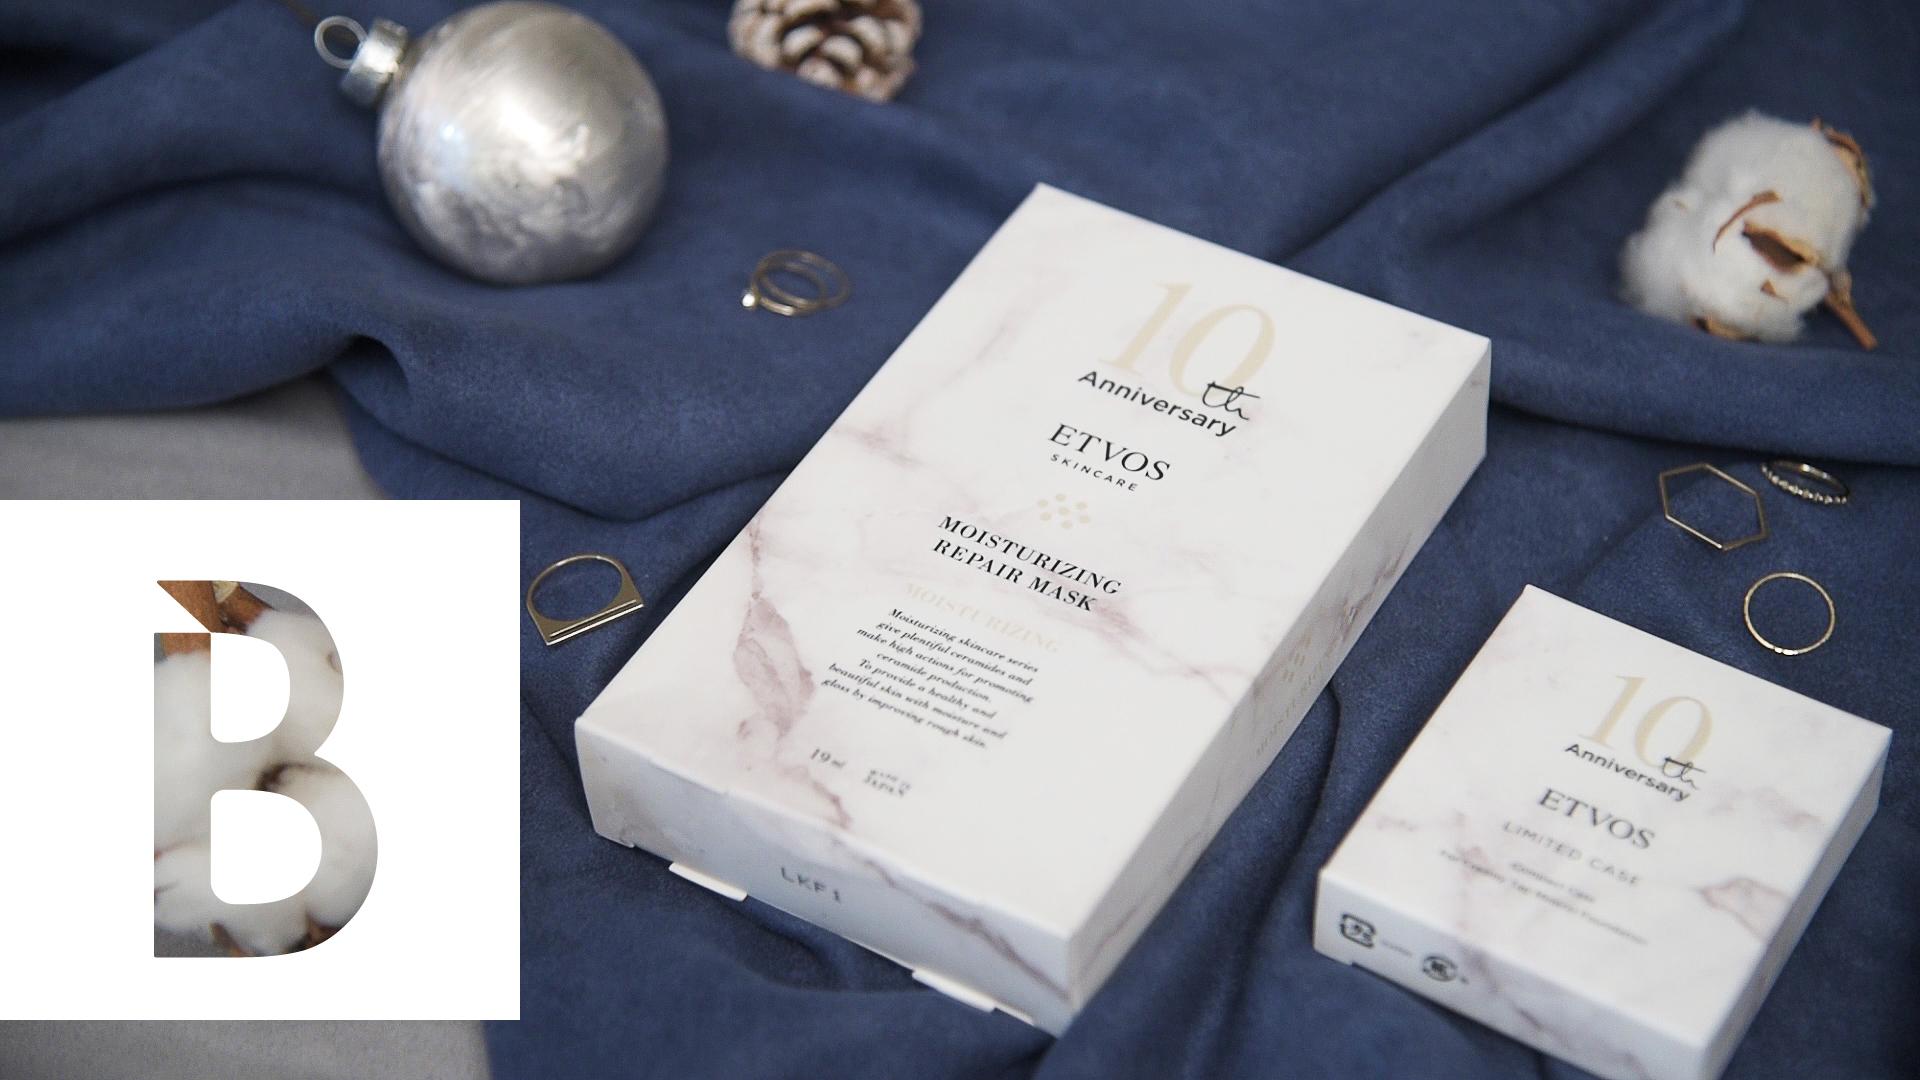 【儂編帶你看】ETVOS限定款大理石面膜和粉凝霜盒,連網美都被美哭了!